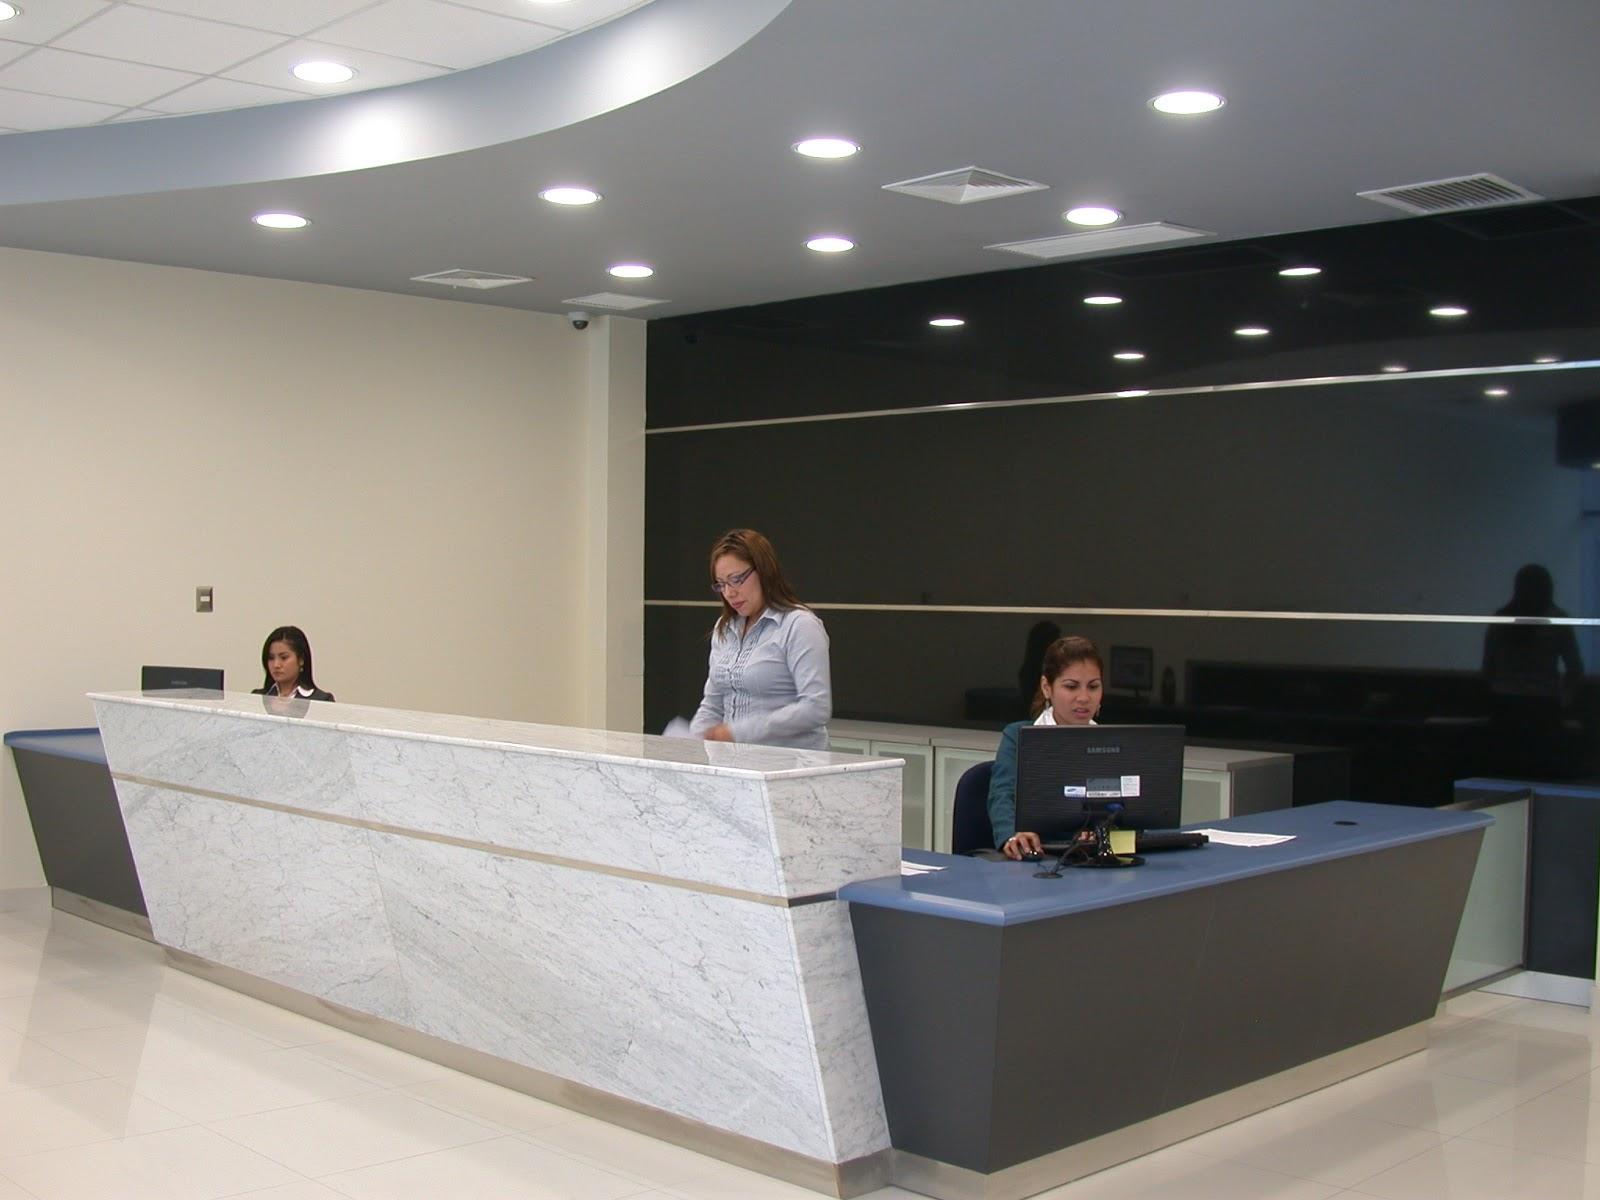 Oniria mobiliario corporativo recepciones for Mobiliario de oficina de diseno